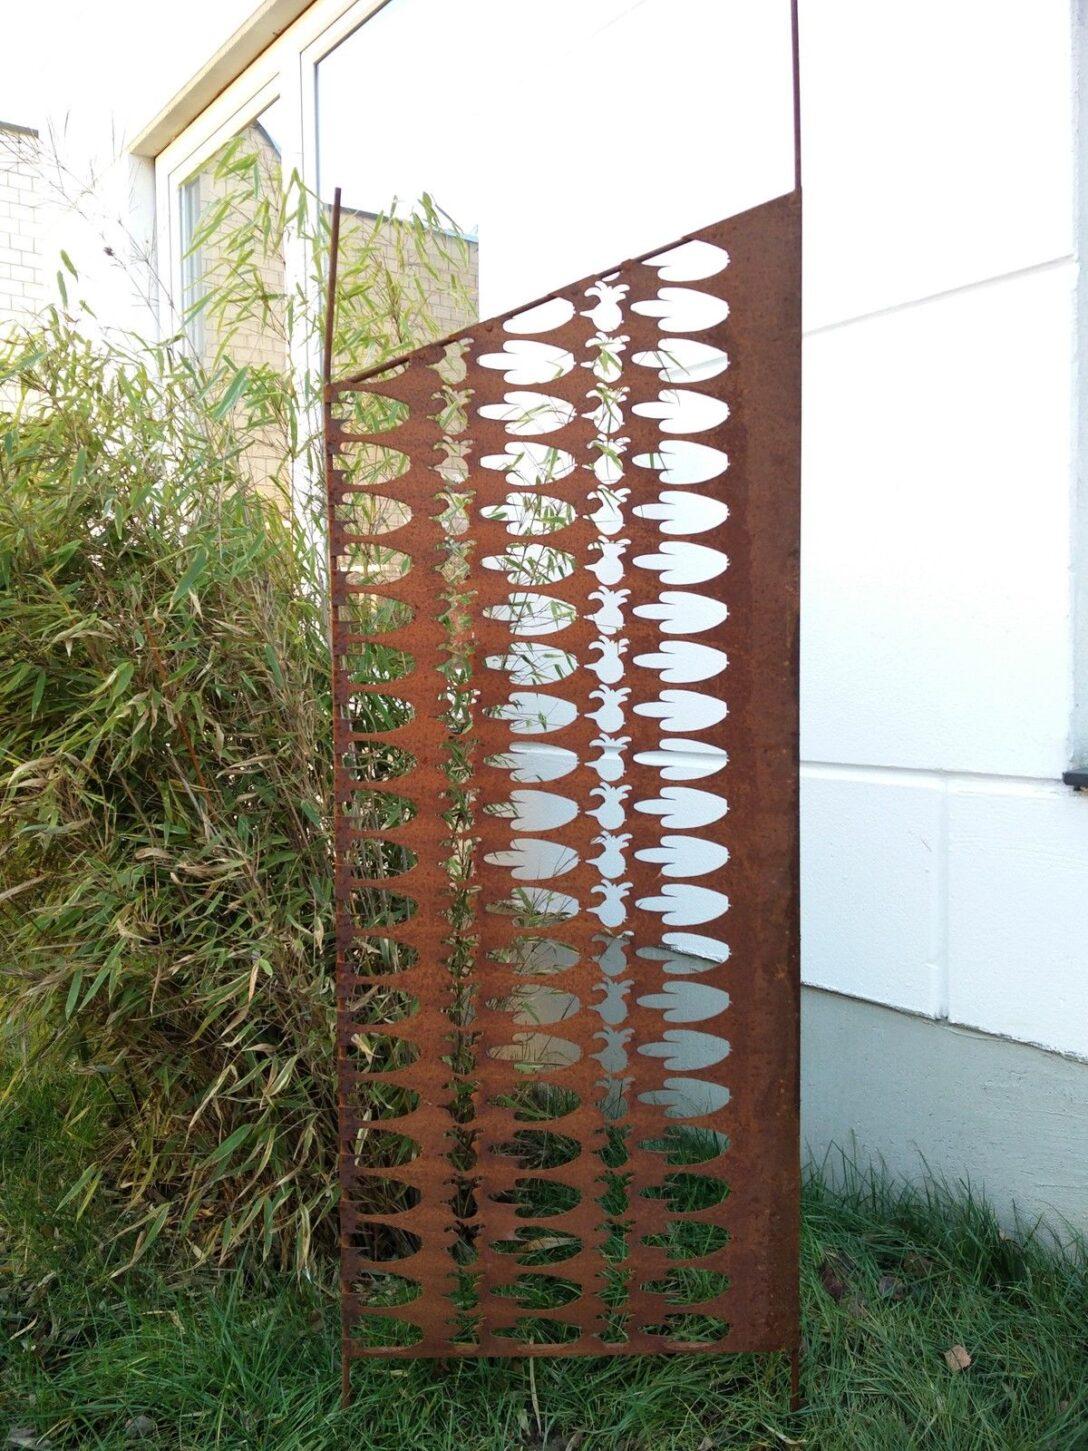 Large Size of Garten Trennwände Trennwand Blumen Motive Sino Han Mini Pool Holzhaus Kind Wassertank Feuerstelle Hochbeet Rattan Sofa Swimmingpool Versicherung Tisch Wohnzimmer Garten Trennwände